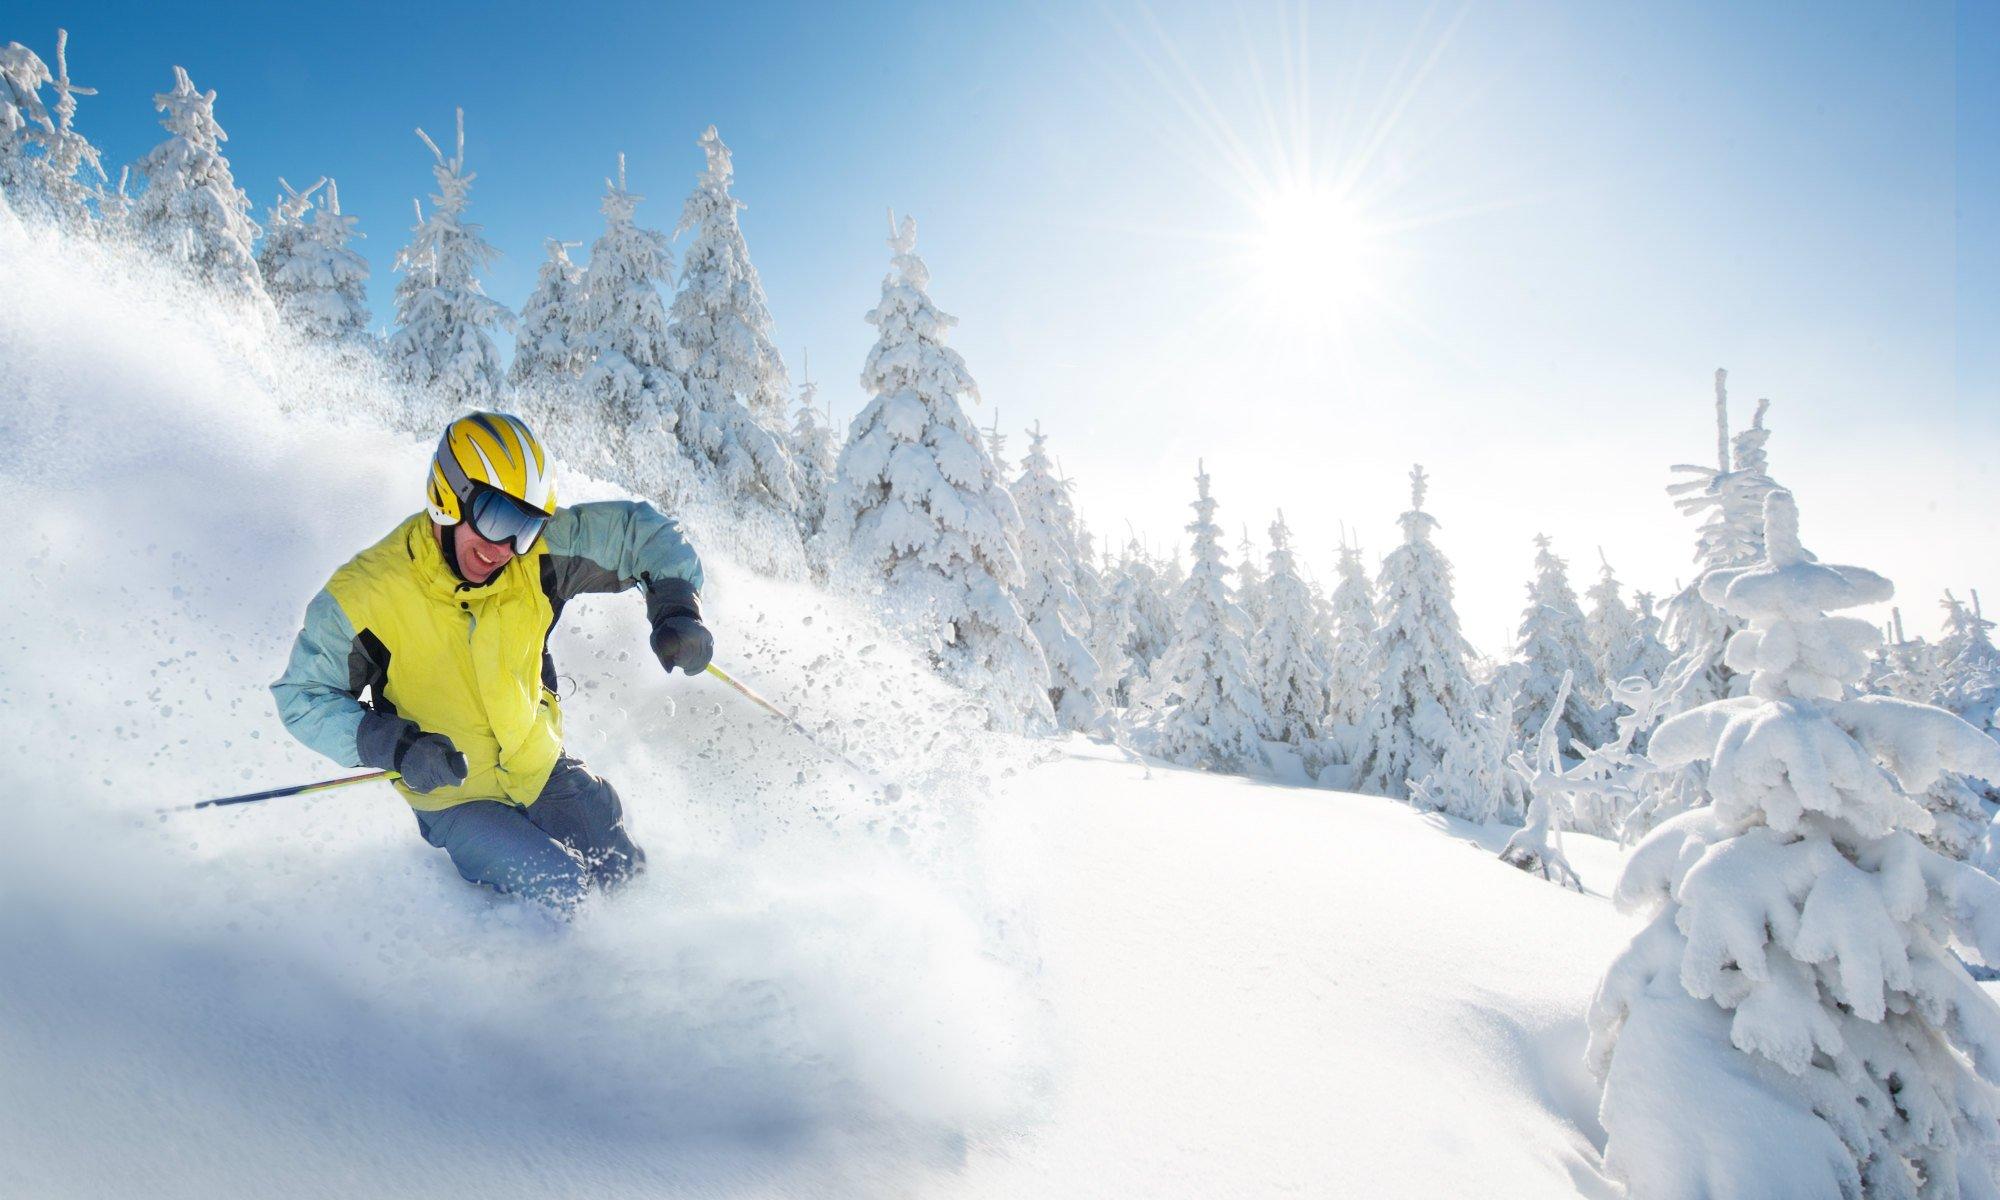 Uno sciatore pratica lo sci fuori pista sulla neve fresca, passando lungo boschi innevati.